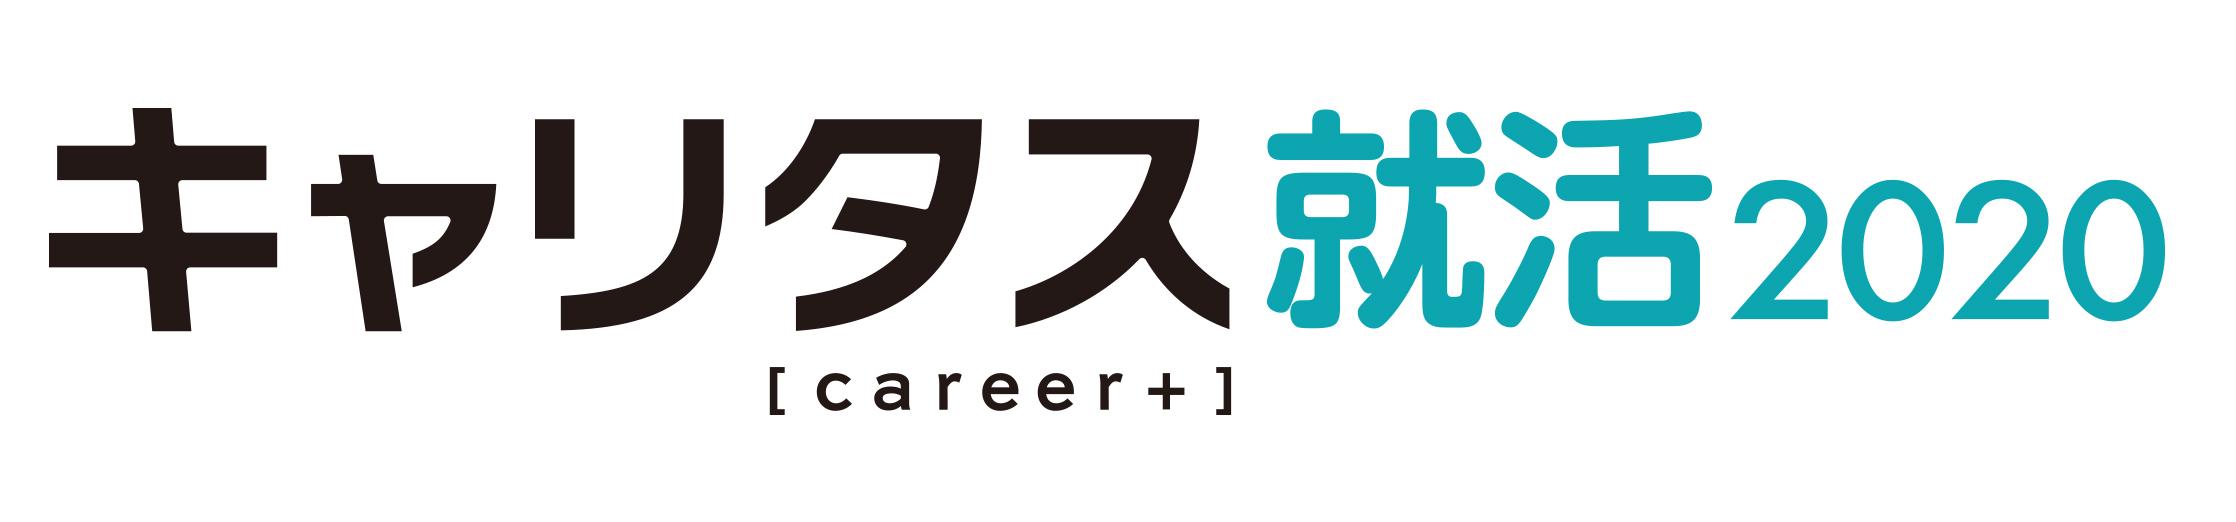 キャリタス就活2020(プレサービス)